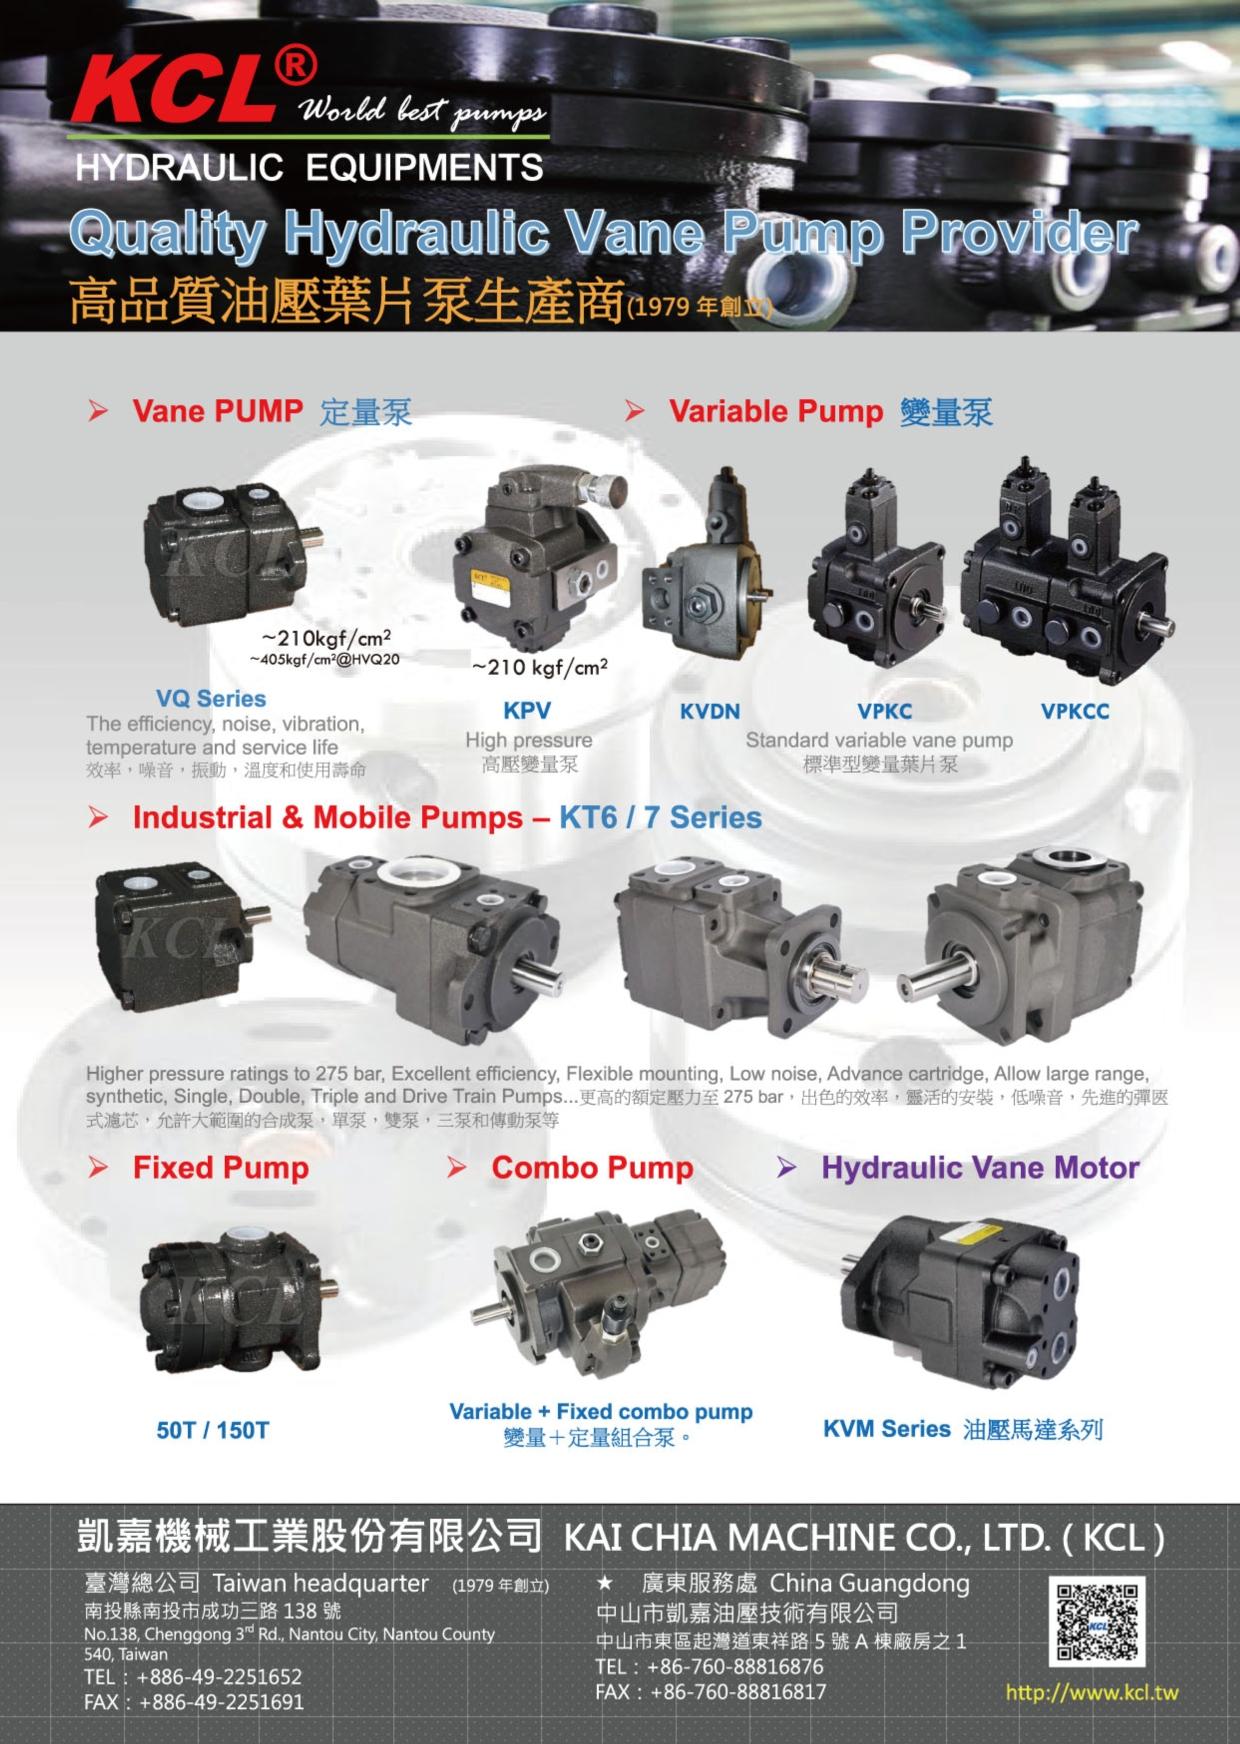 台湾机械制造厂商名录 凯嘉机械工业股份有限公司